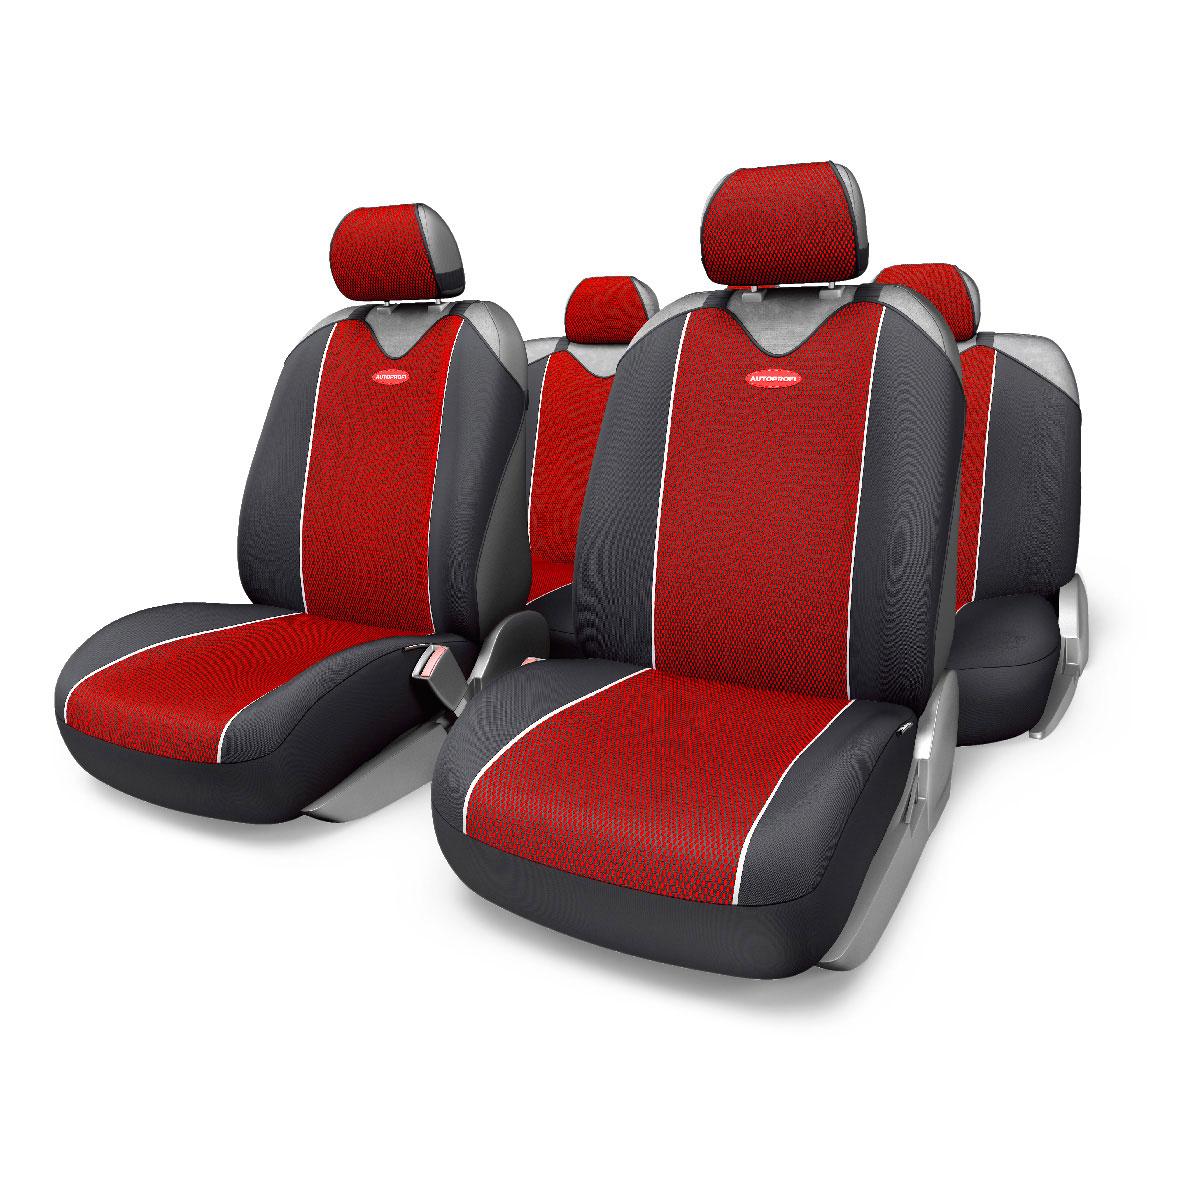 Чехлы-майки Autoprofi Carbon Plus Zippers, цвет: черный, красный, 9 предметовCRB-902PZ BK/RDМодель авточехлов-маек Autoprofi Carbon Plus Zippers, выполненных из полиэстера, отличается полностью закрытой нижней частью сидений, которая добавляет им практичности и износостойкости. При этом чехлы быстро и без усилий надеваются на кресла, не требуя демонтажа подголовников или подлокотников. В креслах заднего ряда 6 молний. Эластичный материал позволяет использовать чехлы на сиденьях любого типа. Визуально полиэстер изделий в точности повторяет переливающийся рисунок настоящего карбона и придает чехлам респектабельный вид. Для автомобиля, чей экстерьер или салон оснащены карбоновыми деталями, чехлы Autoprofi Carbon Plus являются наиболее гармоничным дополнением. Комплектация: 2 чехла кресел переднего ряда, 1 спинка заднего ряда, 1 сиденье заднего ряда, 5 подголовников.